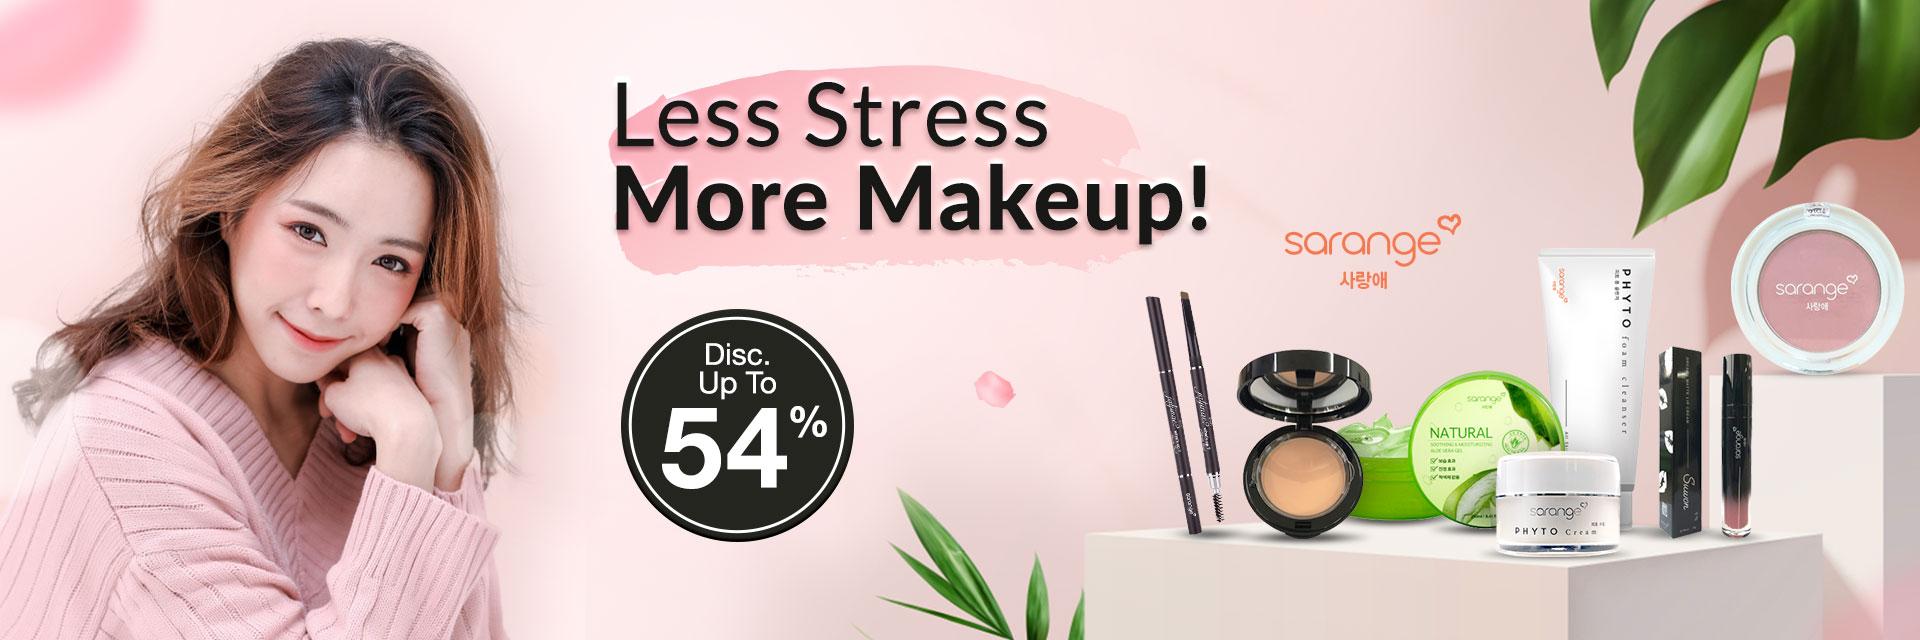 Less Stress More Makeup